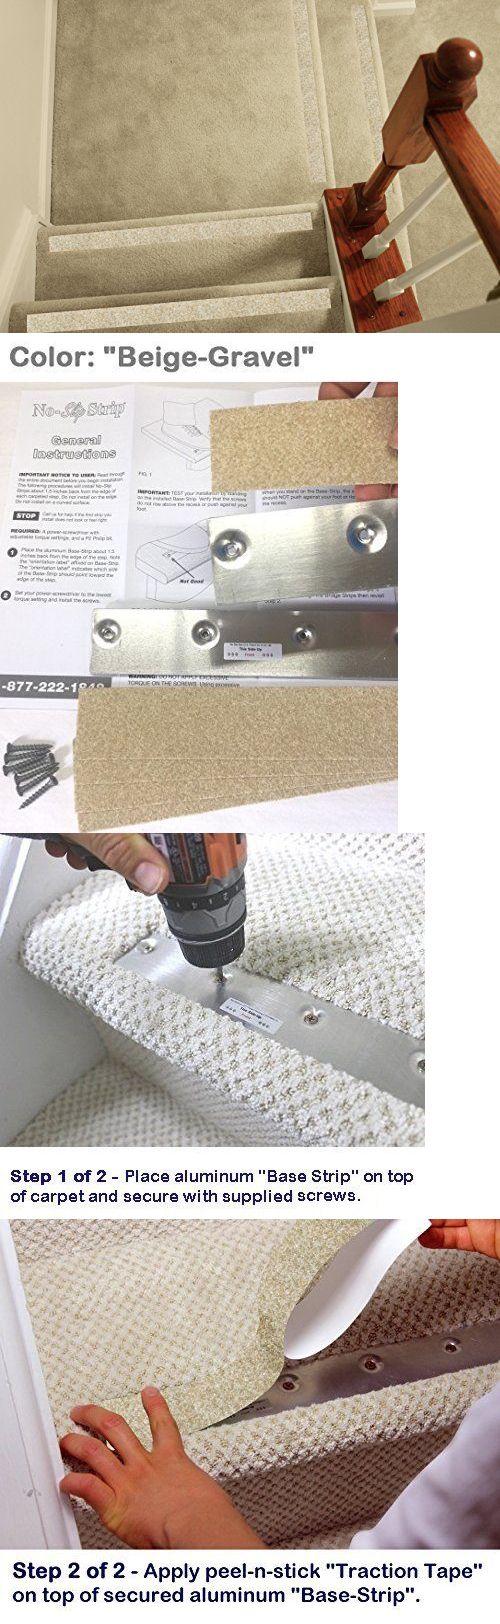 Best Stair Treads 175517 No Slip Strips Non Slip Tread Nosing 640 x 480